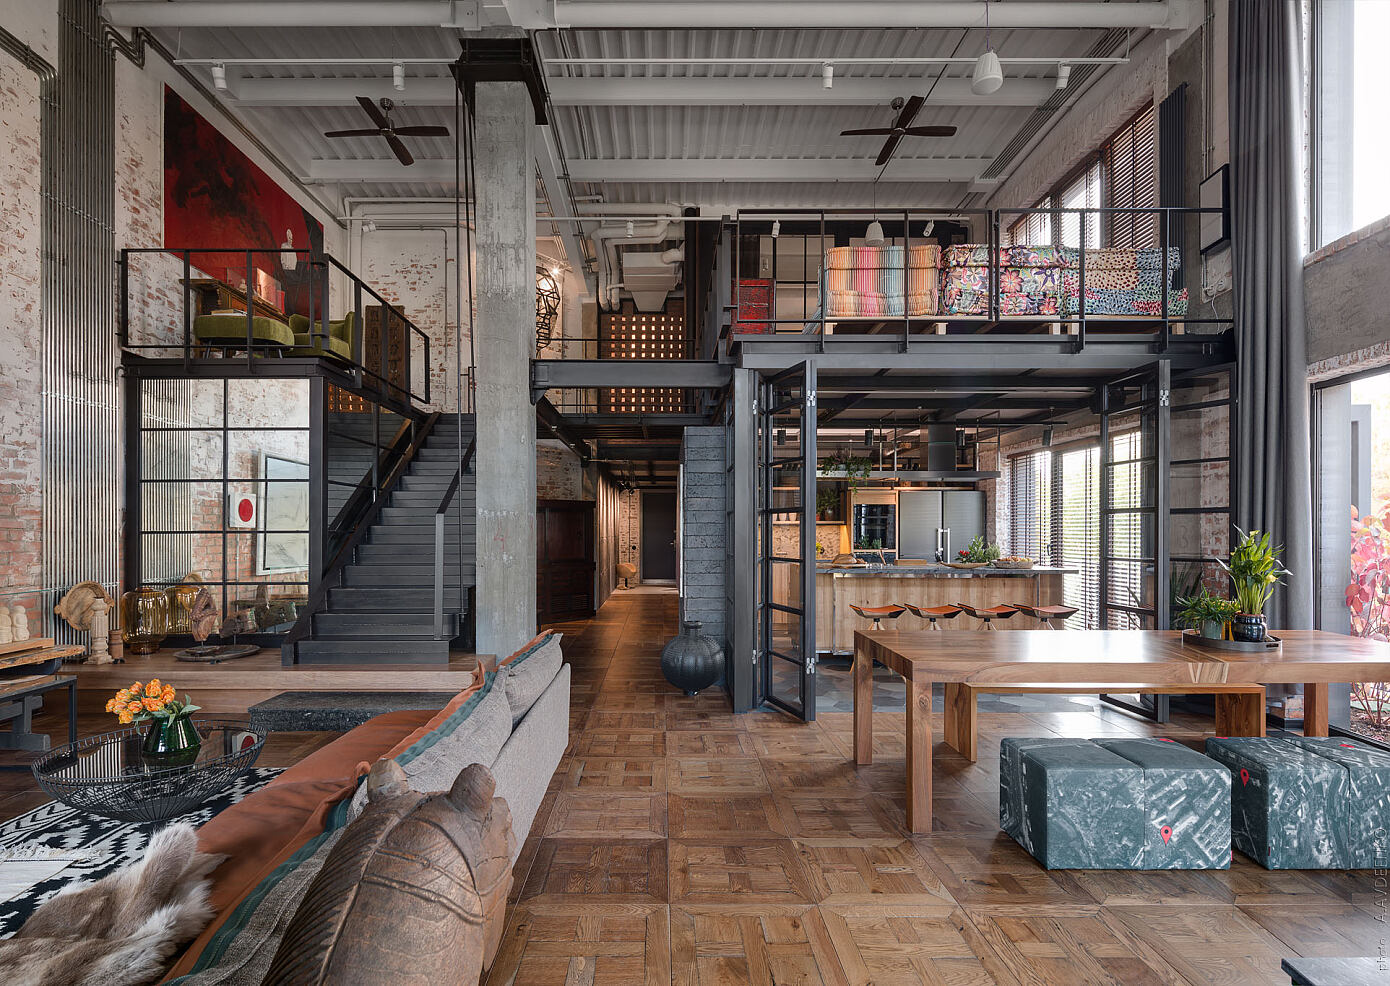 Un loft avec terrasse à la décoration industrielle inspirée par l'Asie - PLANETE DECO a homes world